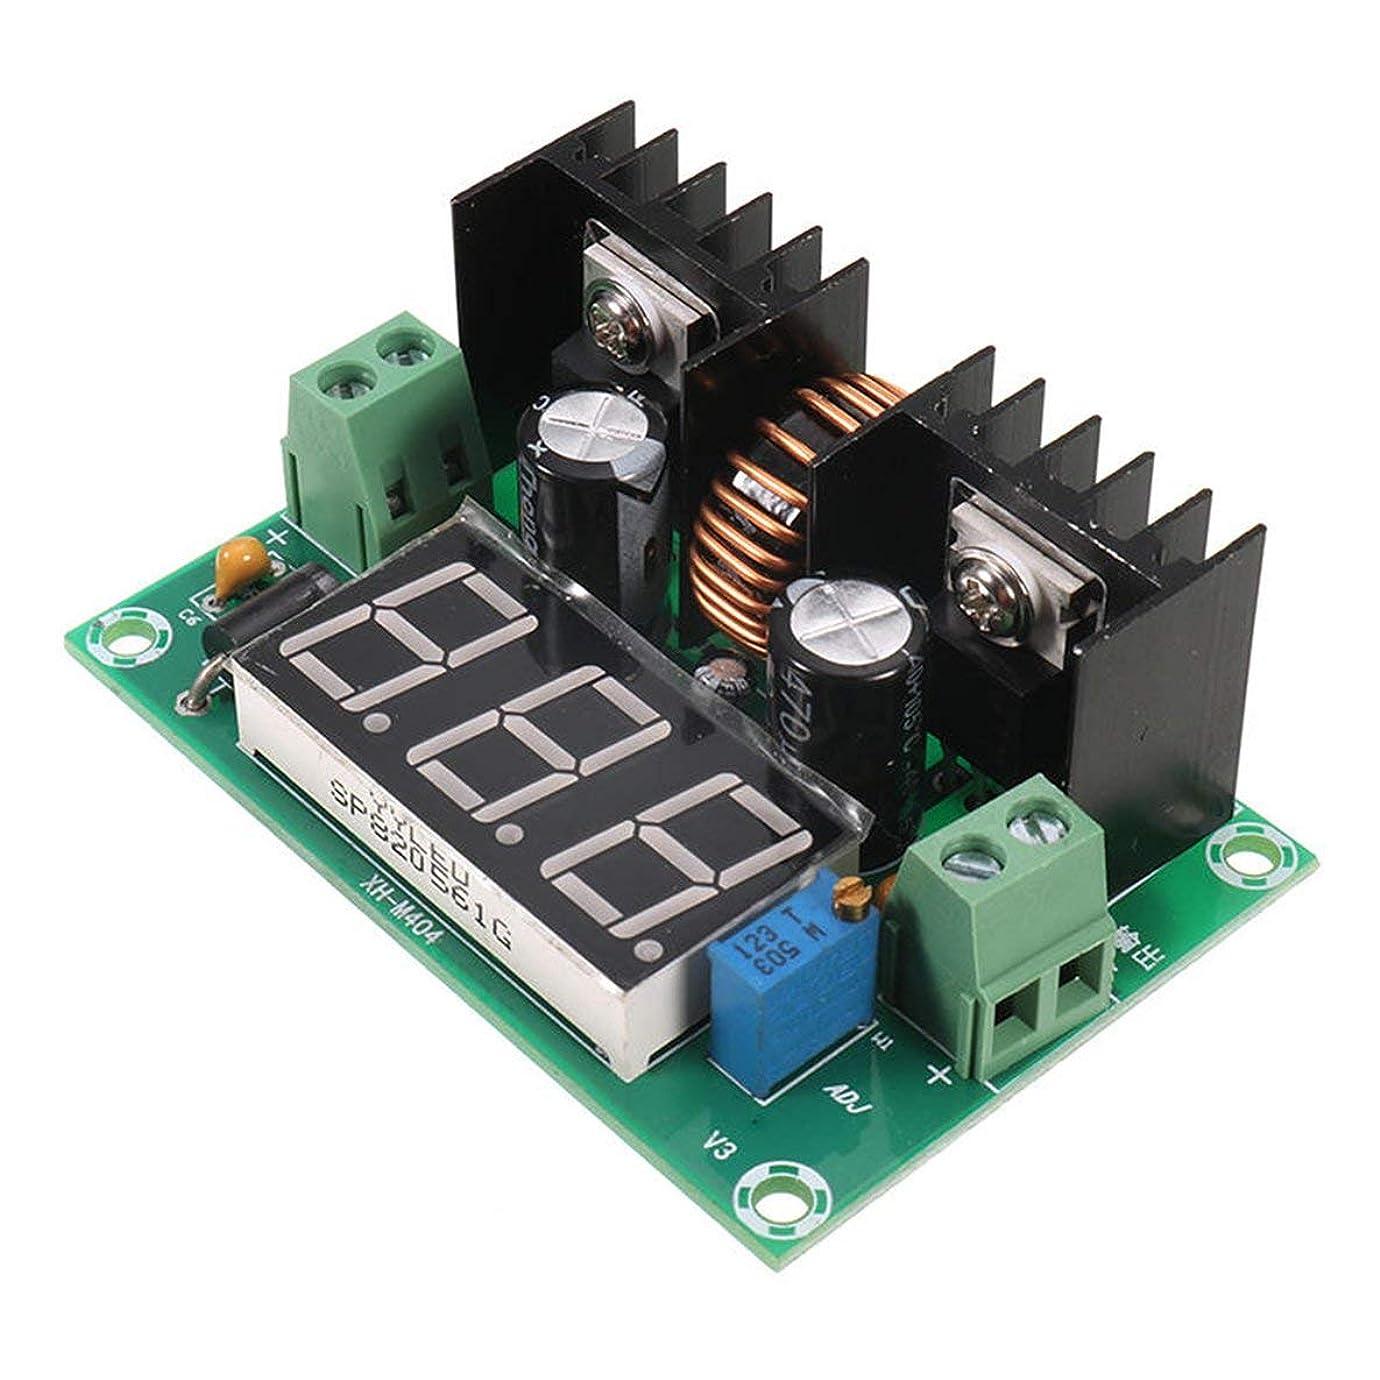 ユーザー見捨てられたマラドロイトXH-M404デジタルDC電圧レギュレータモジュールXL4016E1 200W 8A PWM Dc降圧モジュール効率的かつ安全(カラフル)